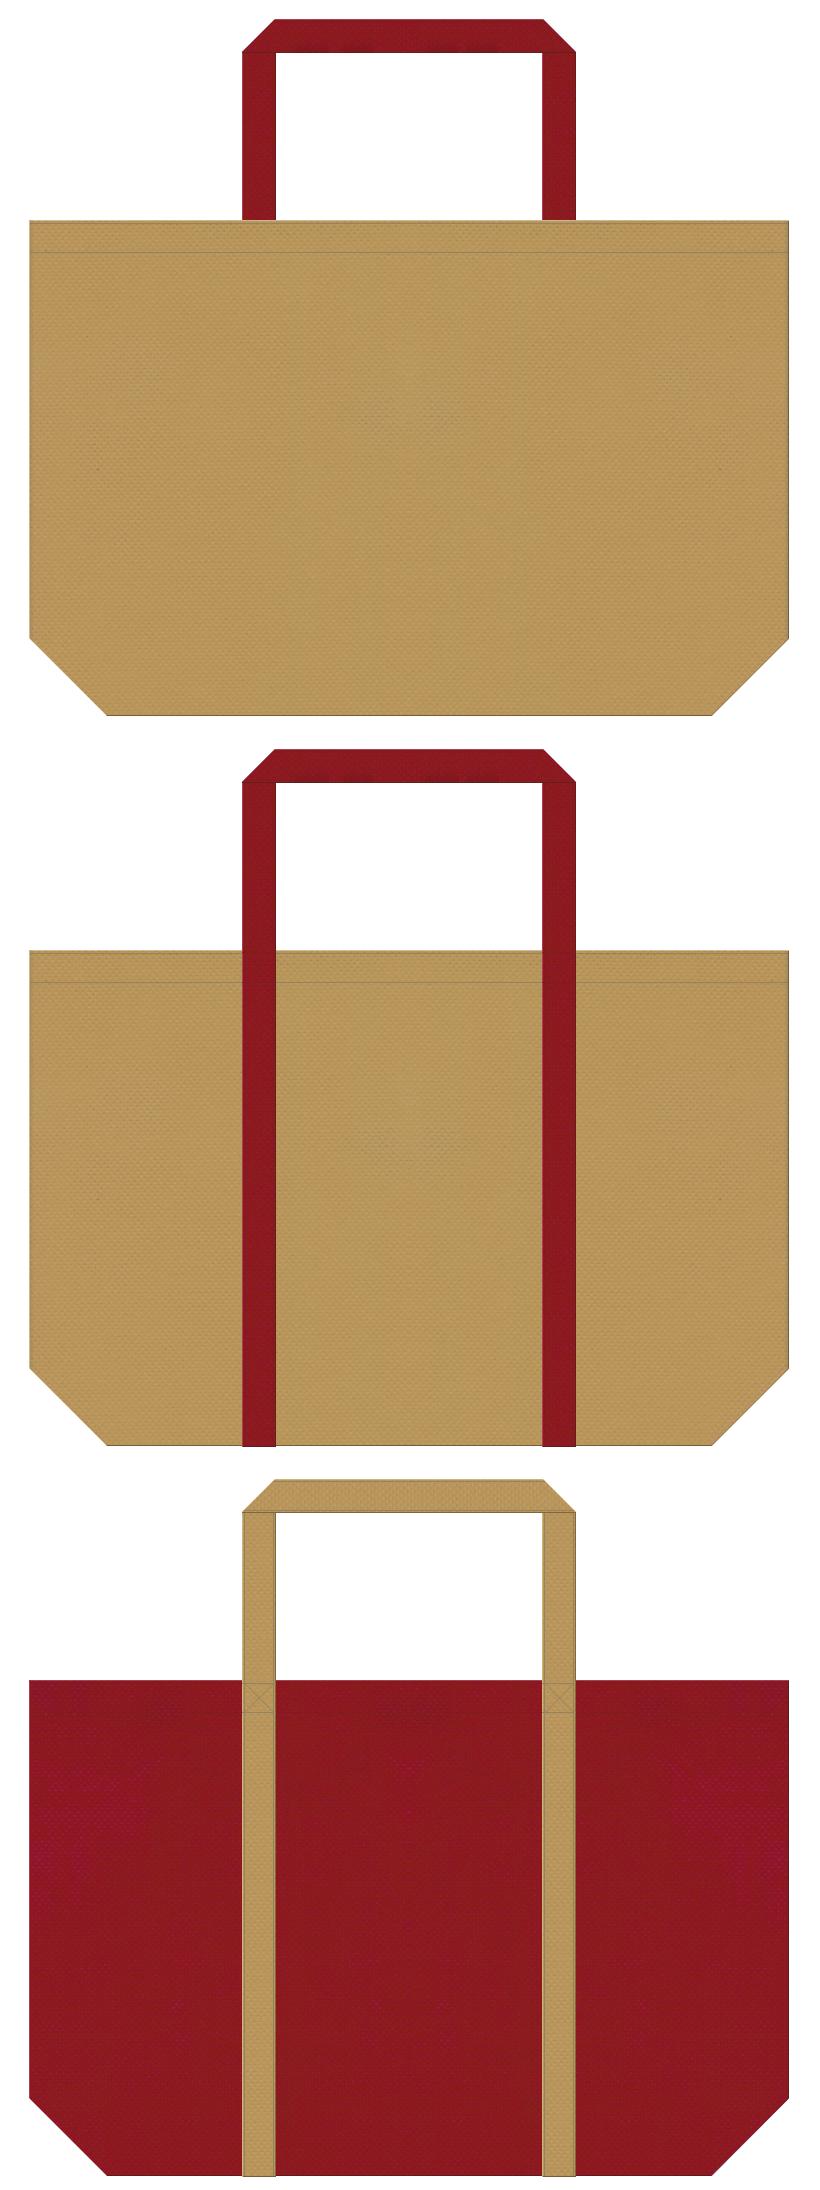 伝統芸能・邦楽・和風催事・襖・障子・画材・額縁・かつおだし・醤油・せんべい・和菓子のショッピングバッグにお奨めの不織布バッグデザイン:マスタード色とエンジ色のコーデ